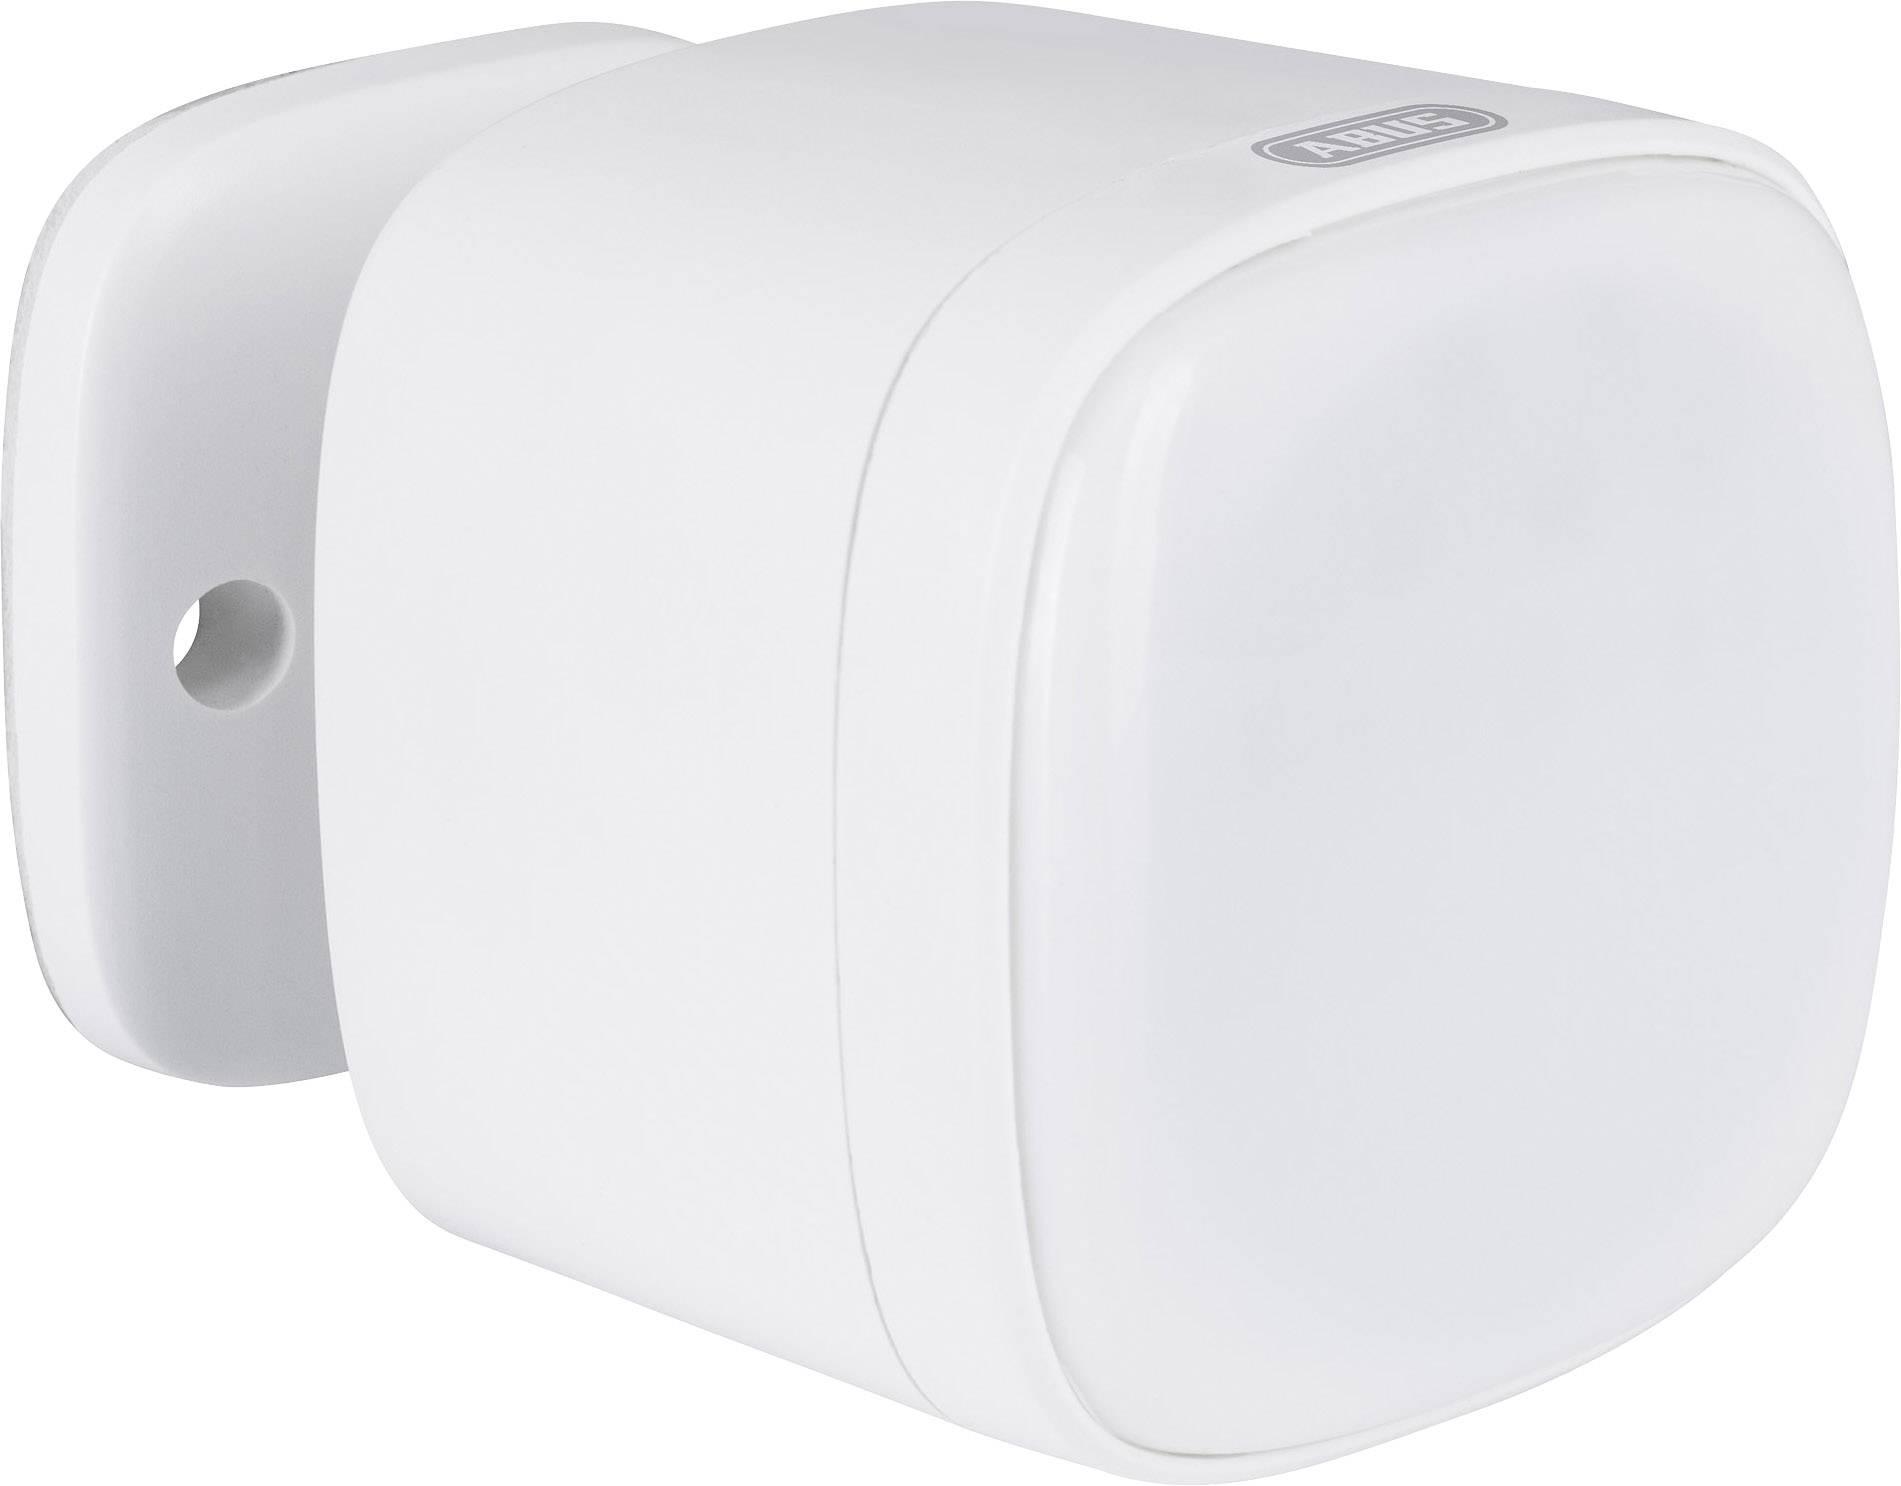 Rozšíření bezdrátového alarmu, bezdrátový multifunkční hlásič ABUS Z-Wave SHBW10000